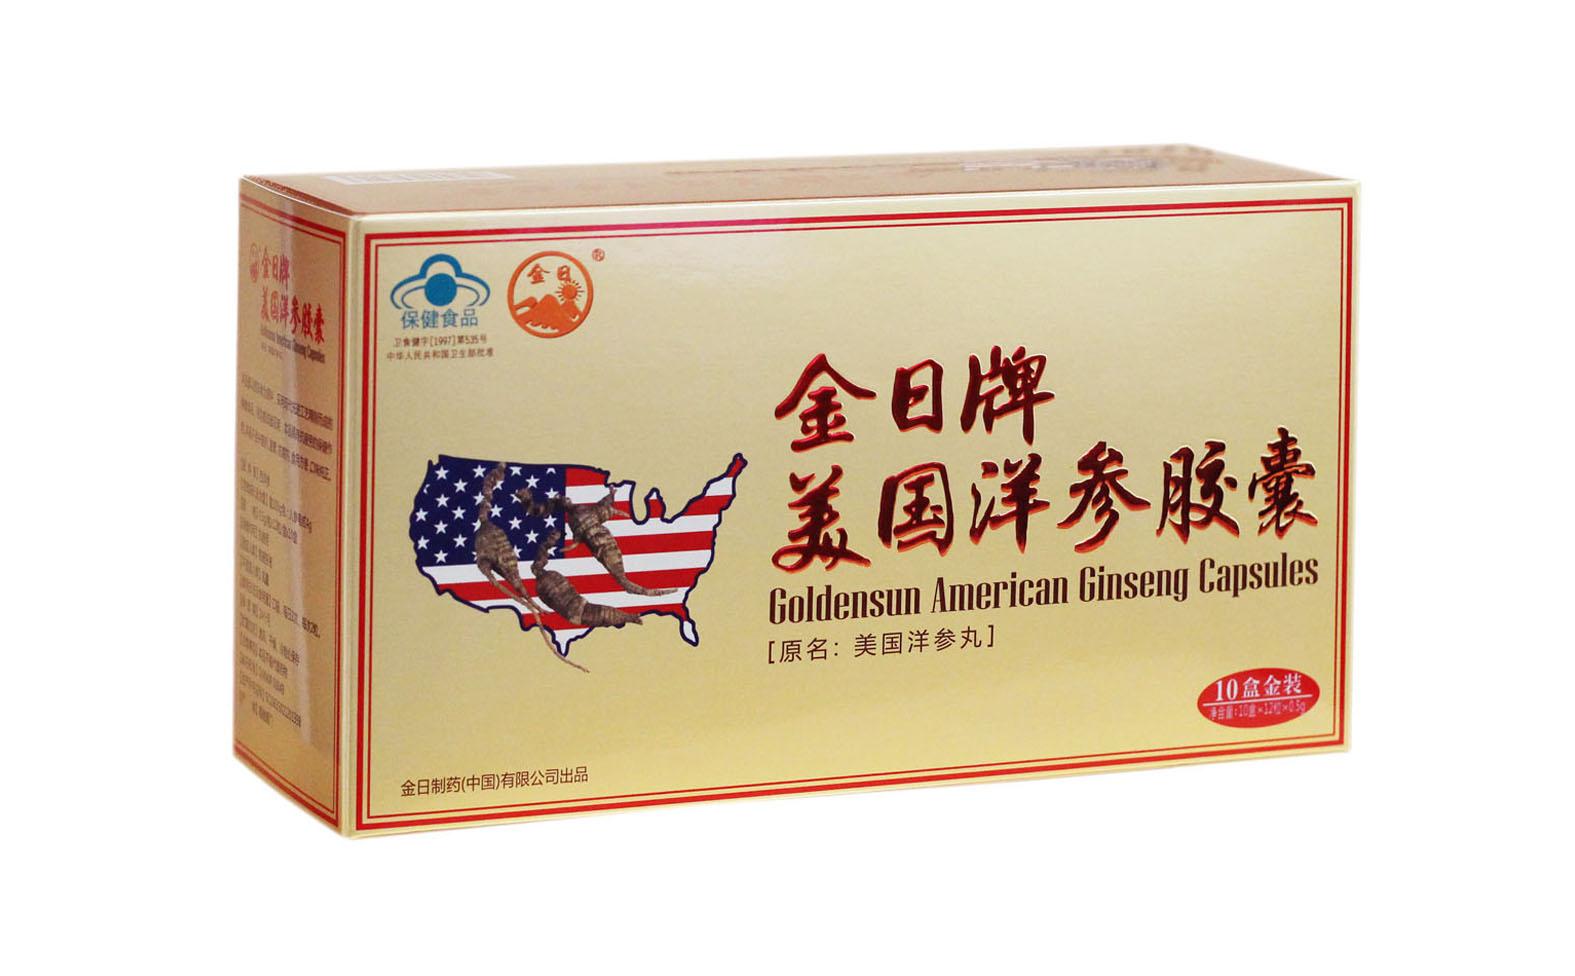 金日牌美國洋參膠囊(10盒金裝)